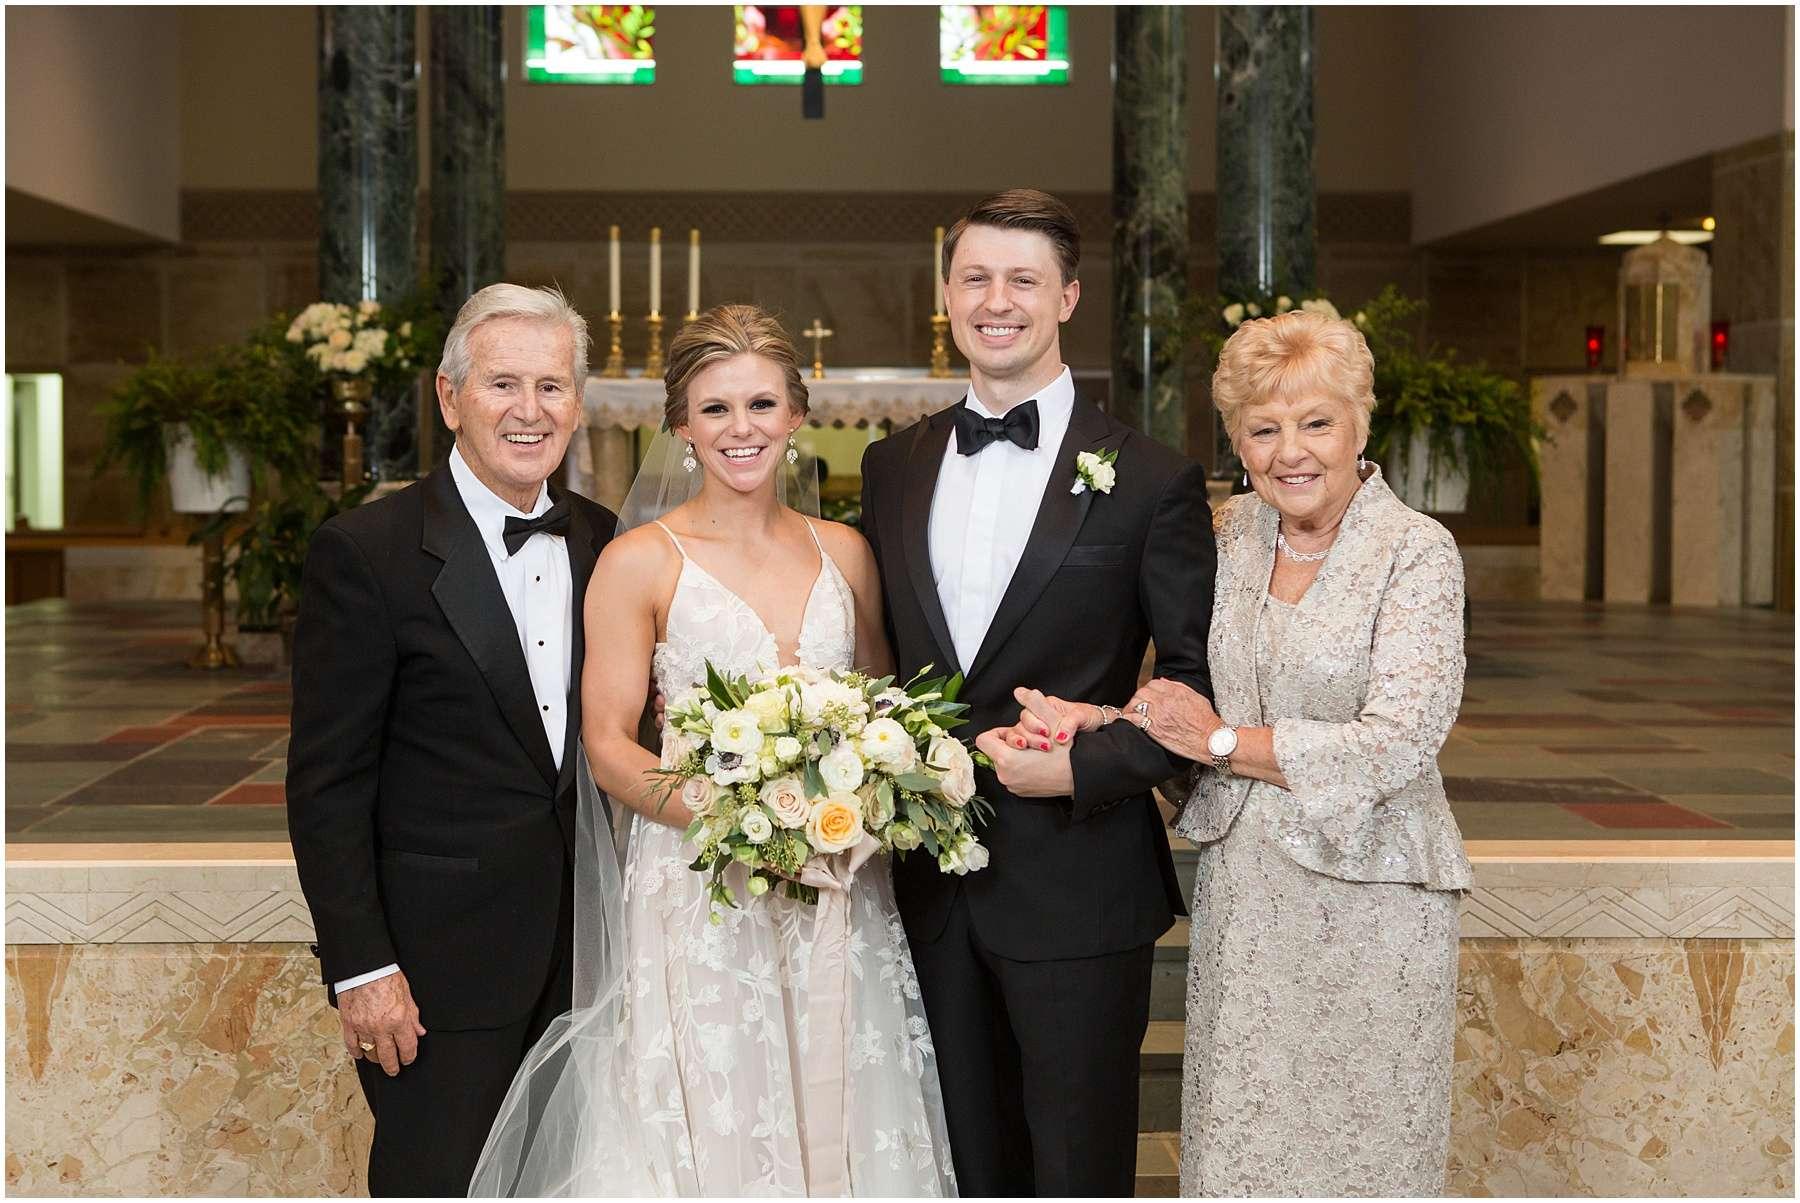 Wedding at the Ohio Statehouse | Columbus Ohio Weddings 128